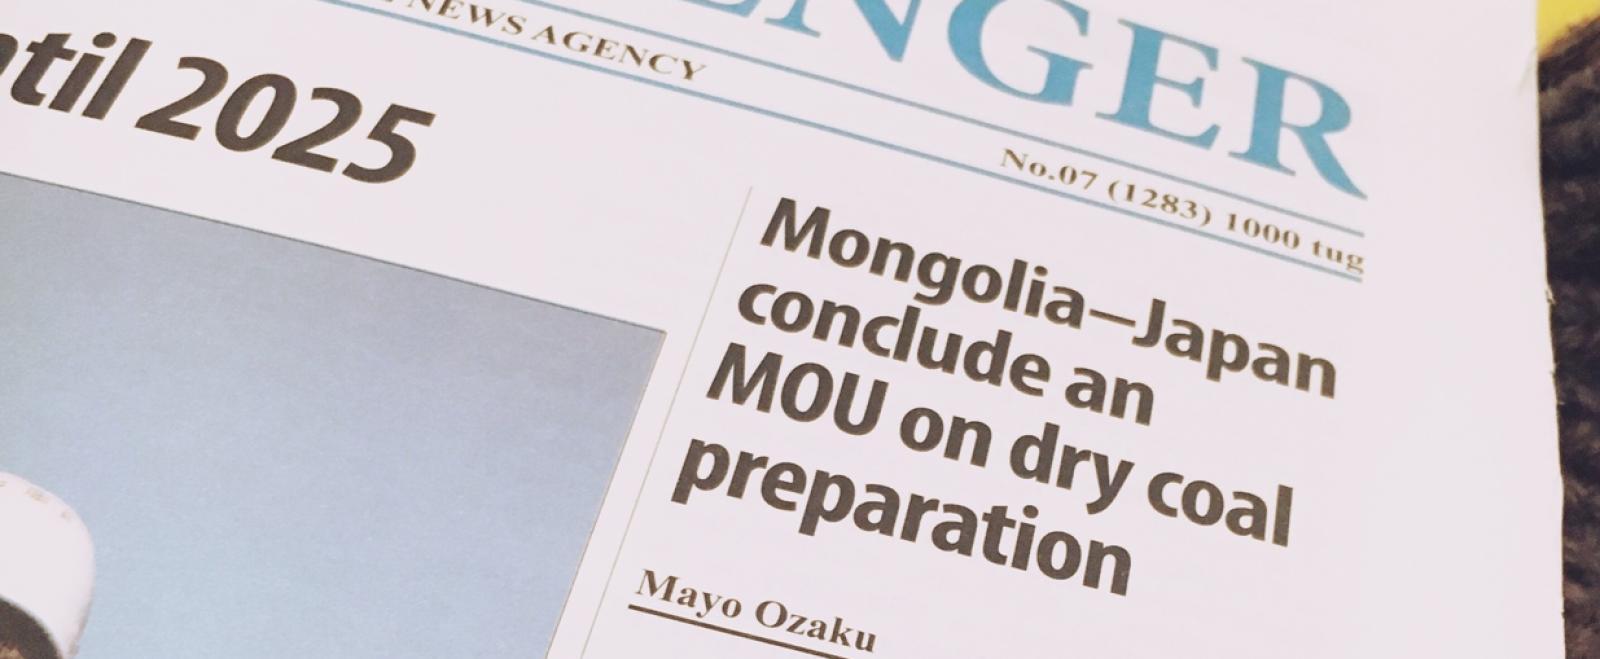 モンゴル新聞に載ったジャーナリズムインターン小作真世さんの記事